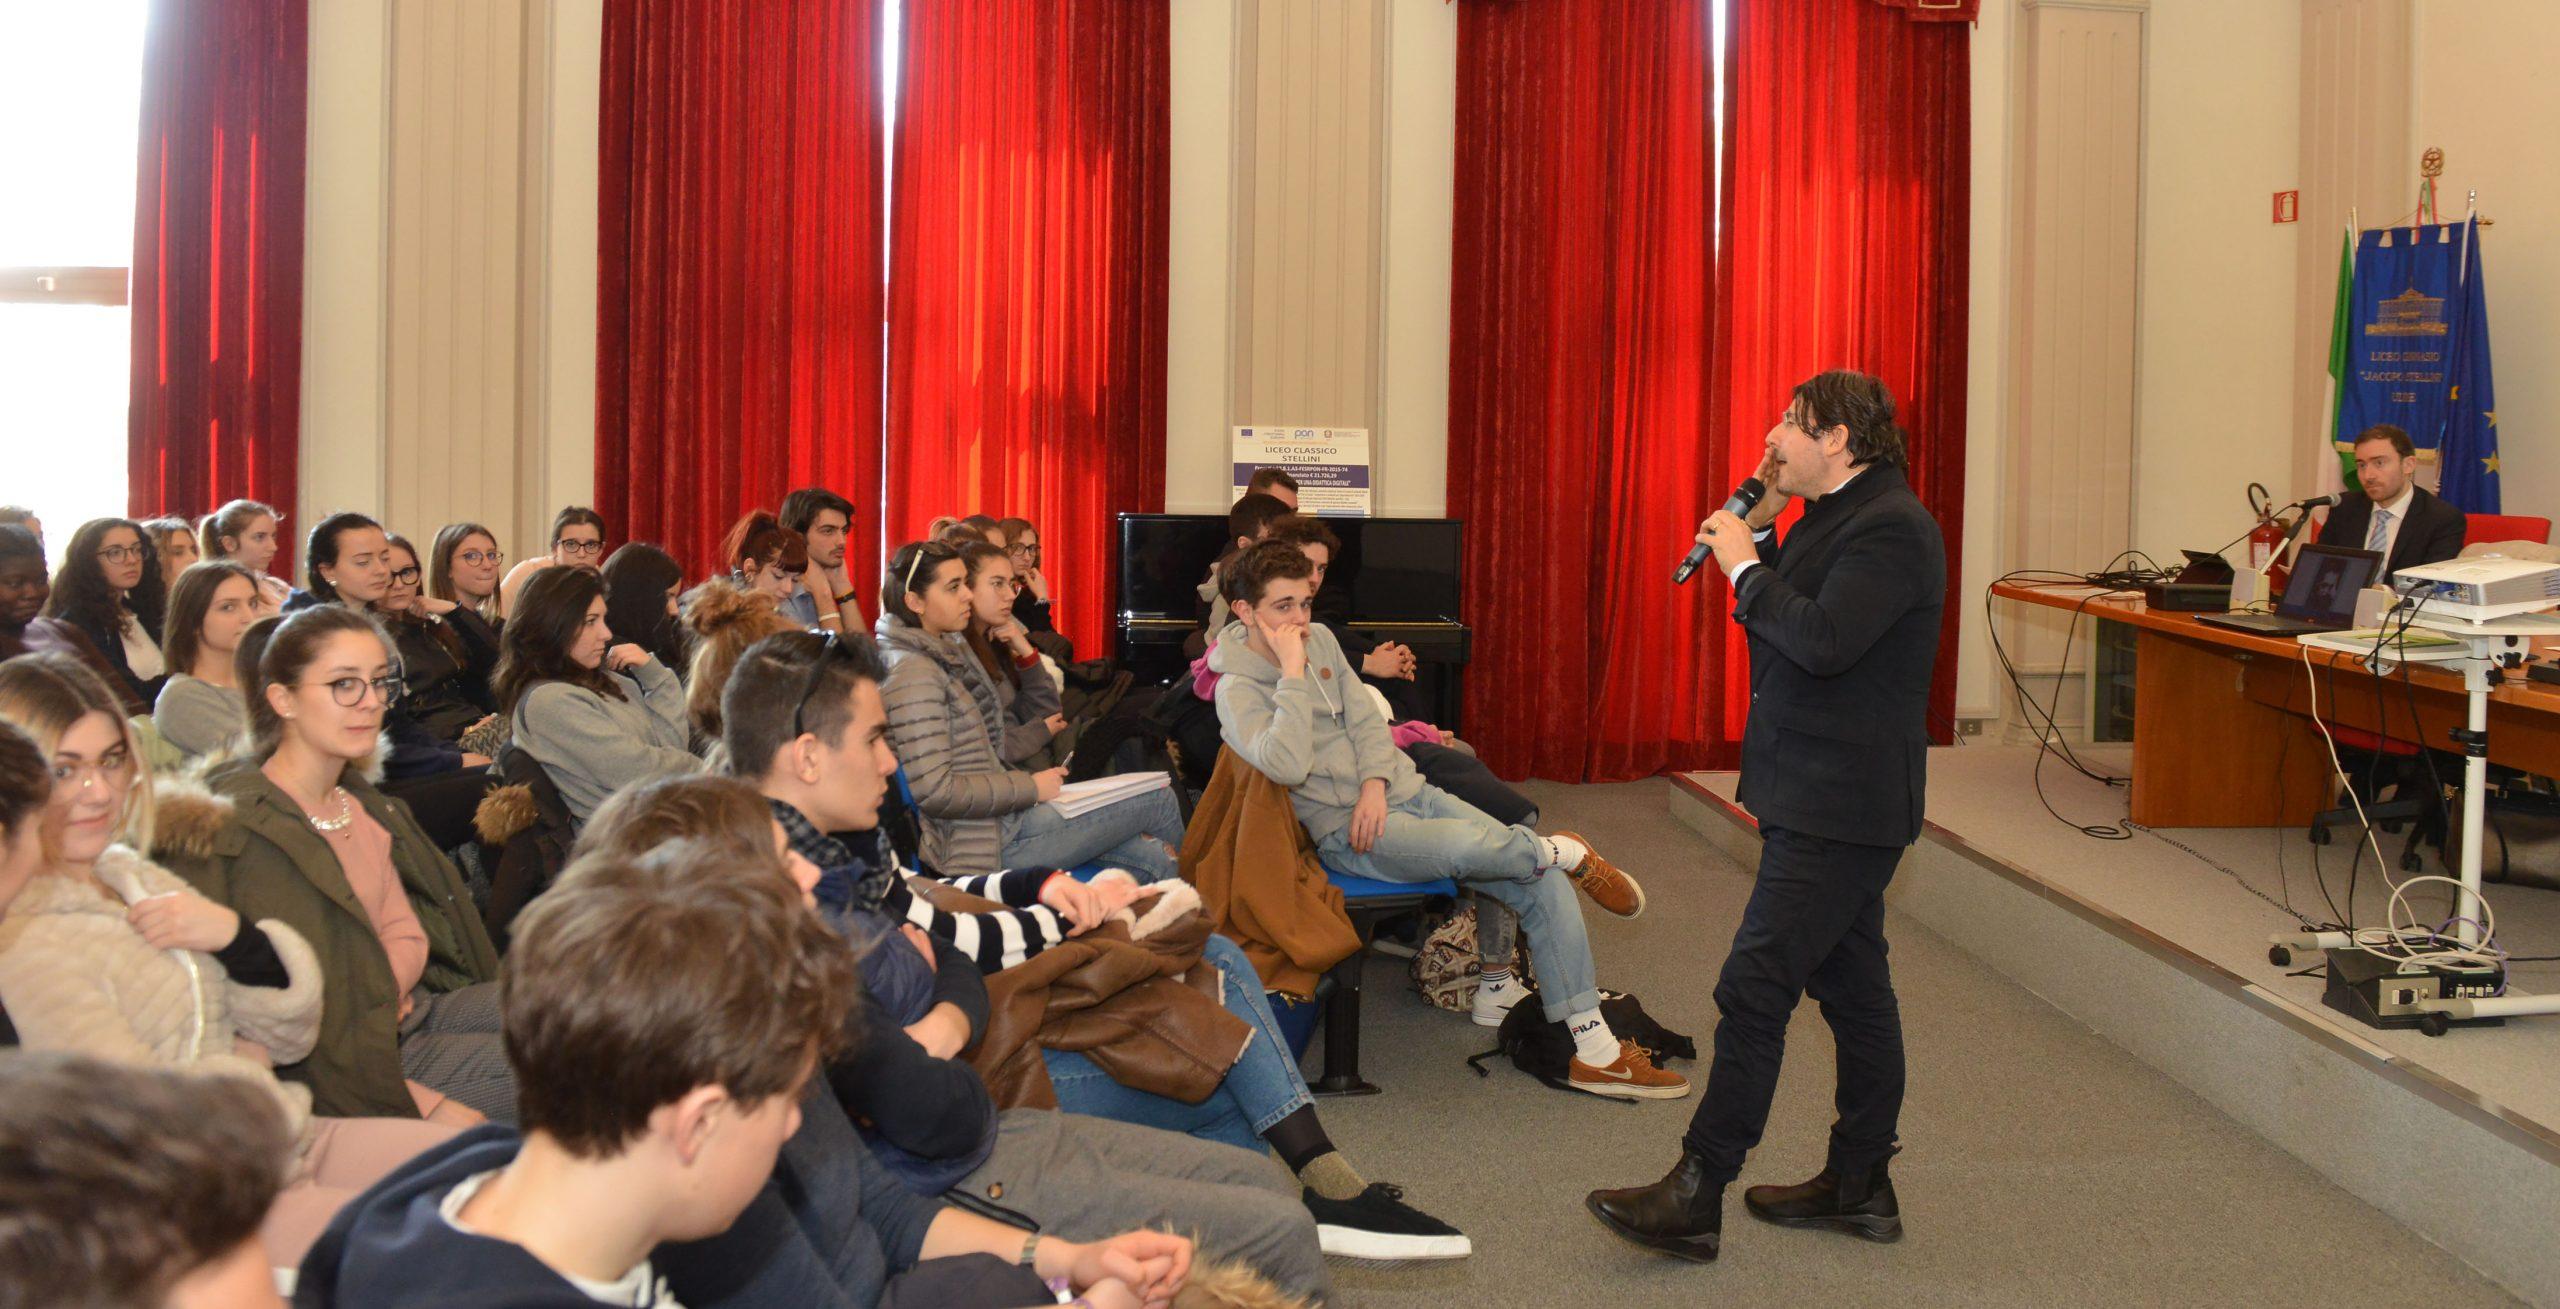 Udine 23 Marzo 2018 incontro allo stellini Agenzia Petrussi foto Massimo Turco